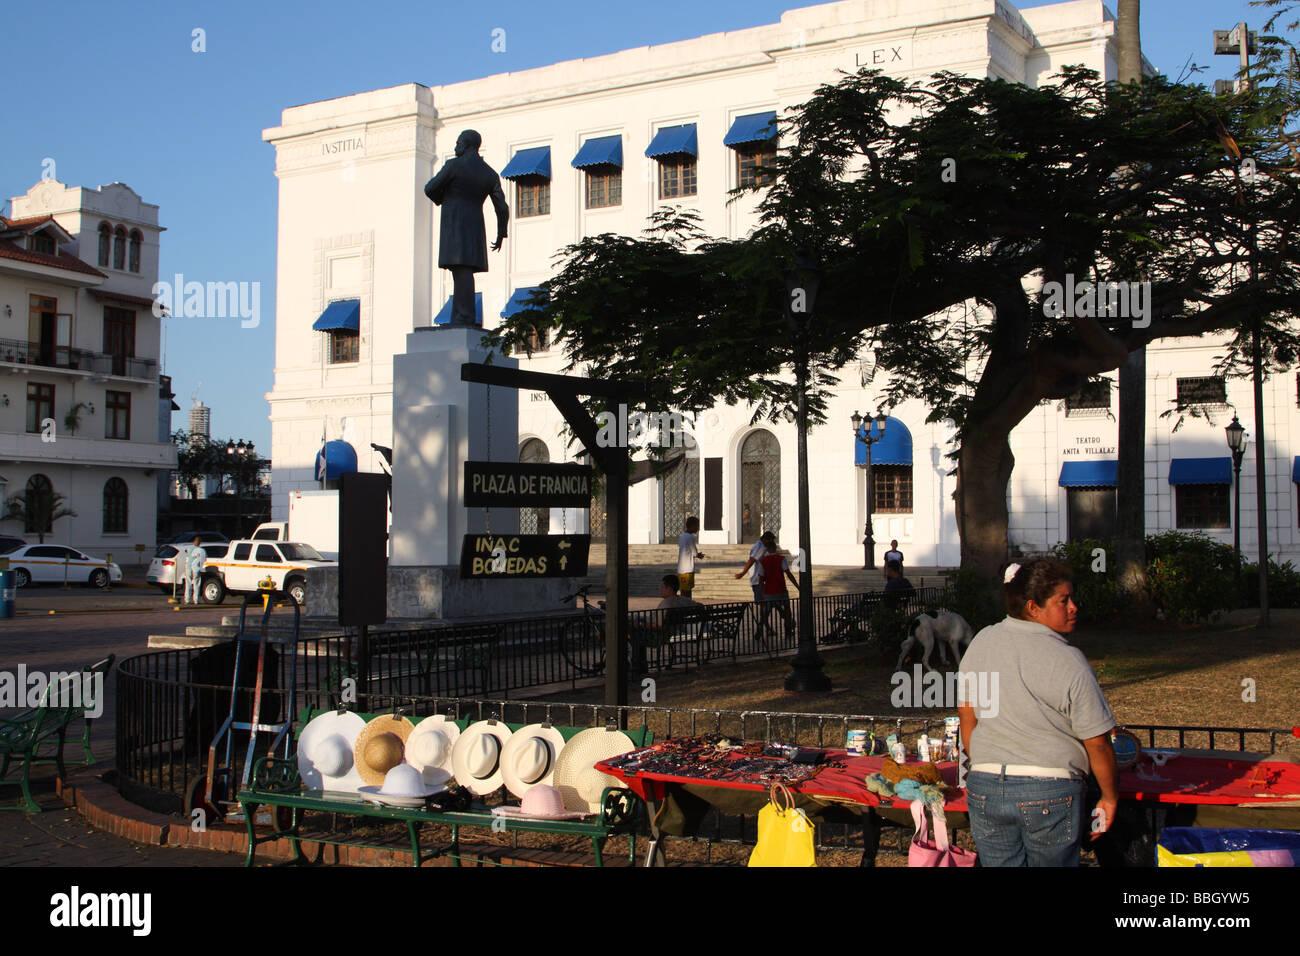 Panama City Plaza de Francia Casco Viejo Aprile 2009 Immagini Stock